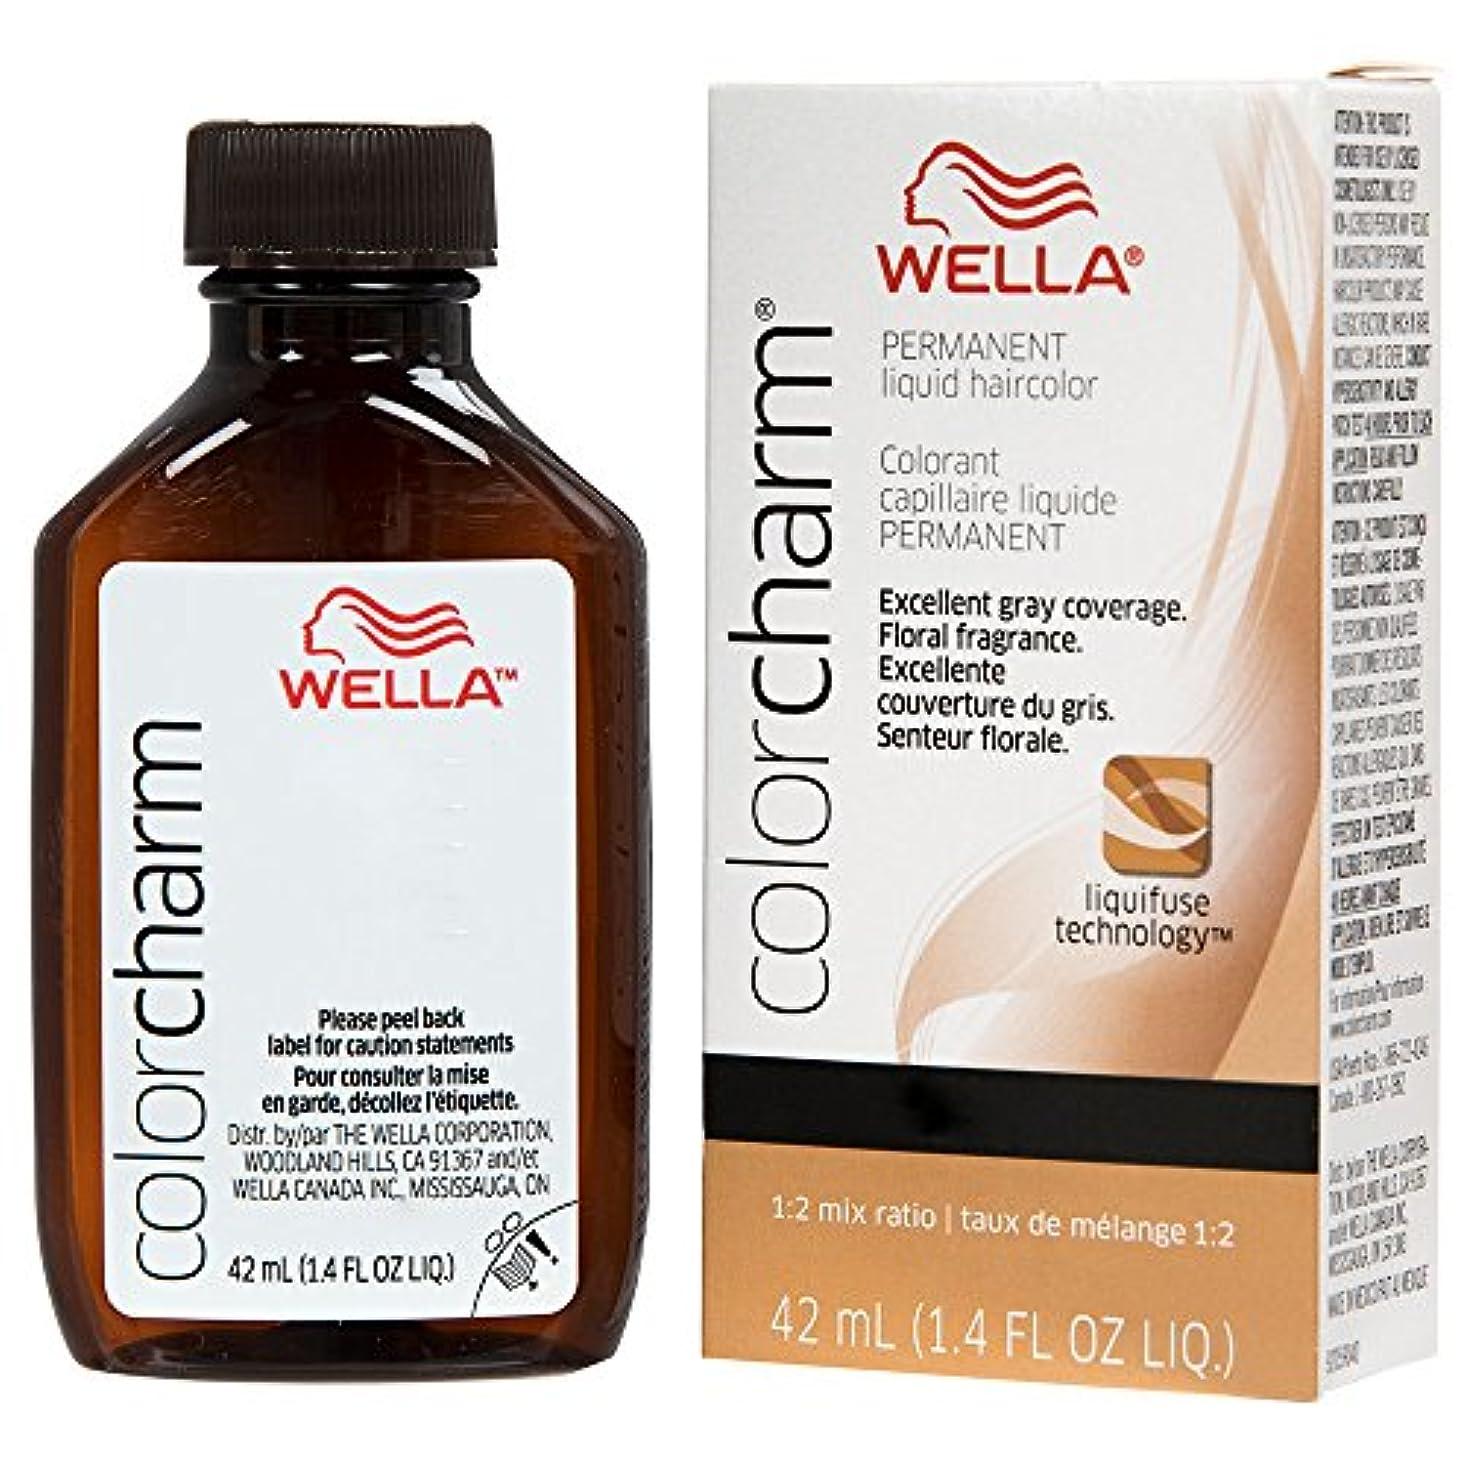 第五初期のズームインするWella - Colorcharm - Permanent Liquid - Medium Blonde 7N /711-1.4 OZ / 42 mL